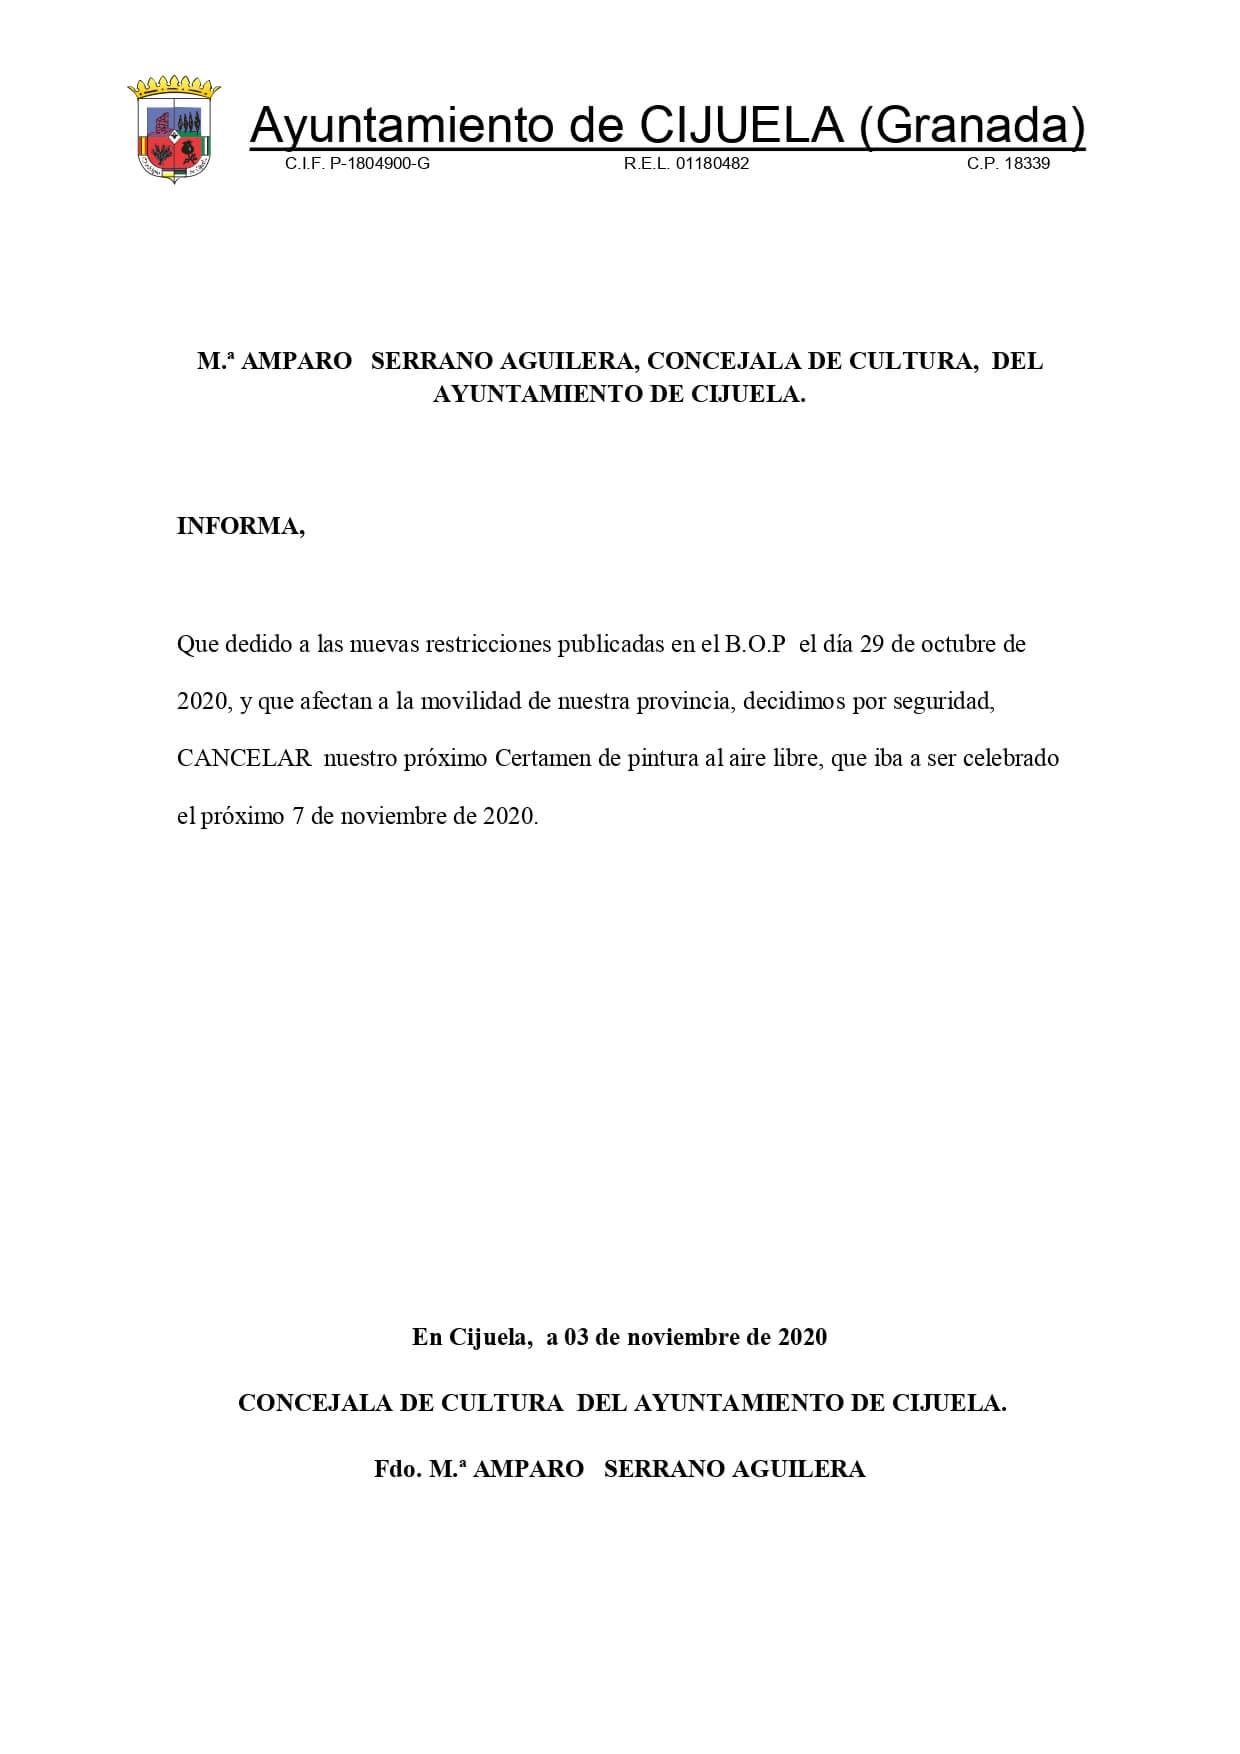 cancelado el certamen de pintura rápida de Cijuela 2020